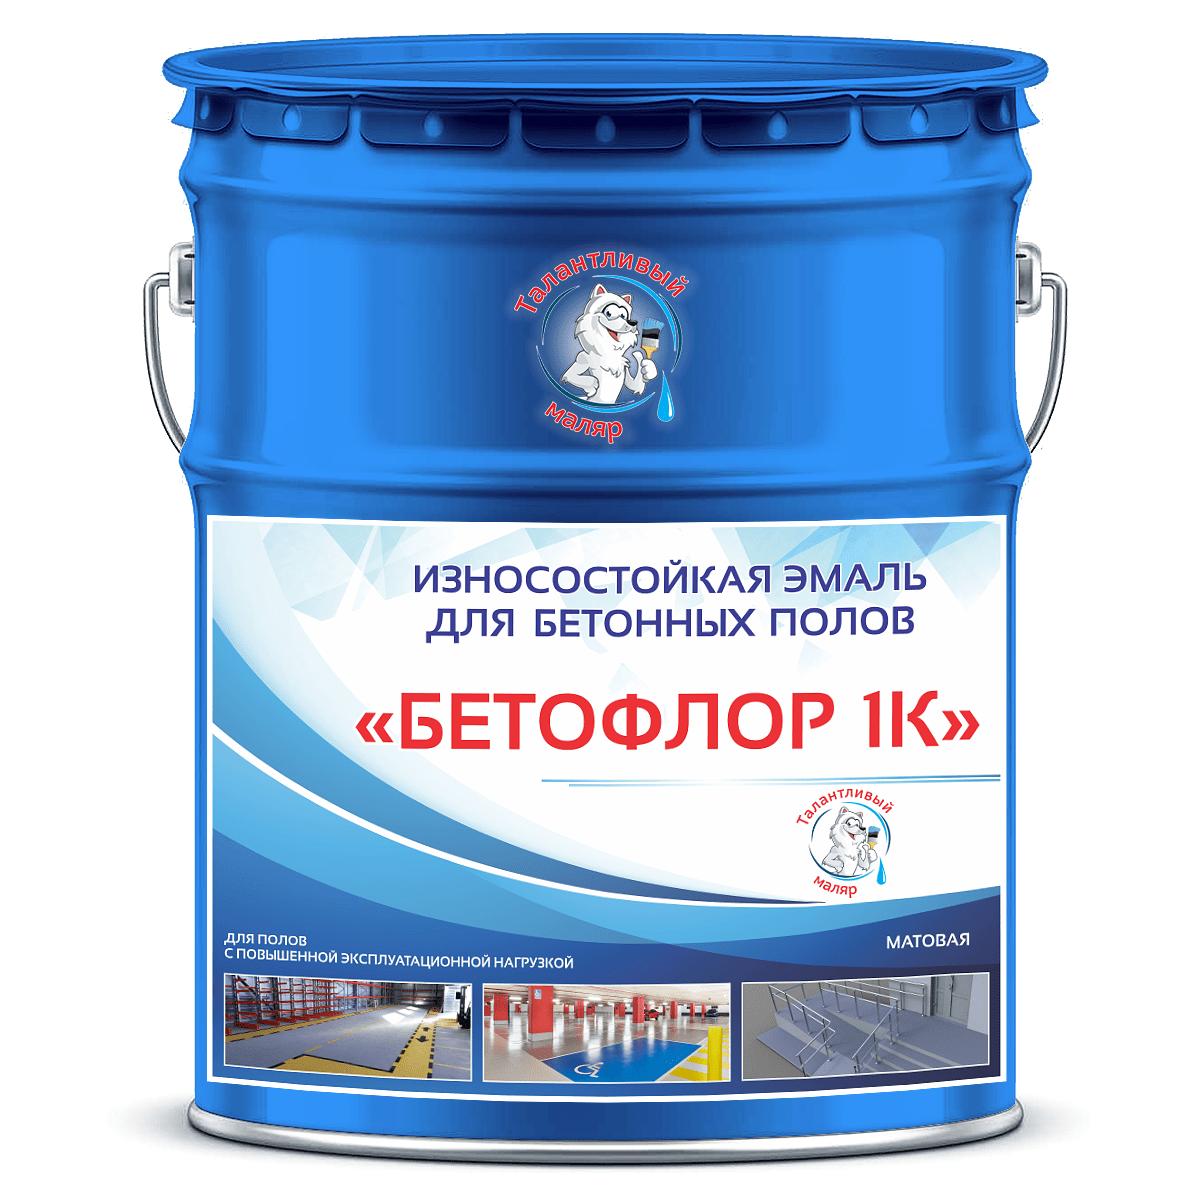 """Фото 24 - BF5012 Эмаль для бетонных полов """"Бетофлор"""" 1К цвет RAL 5012 Голубой, матовая износостойкая, 25 кг """"Талантливый Маляр""""."""